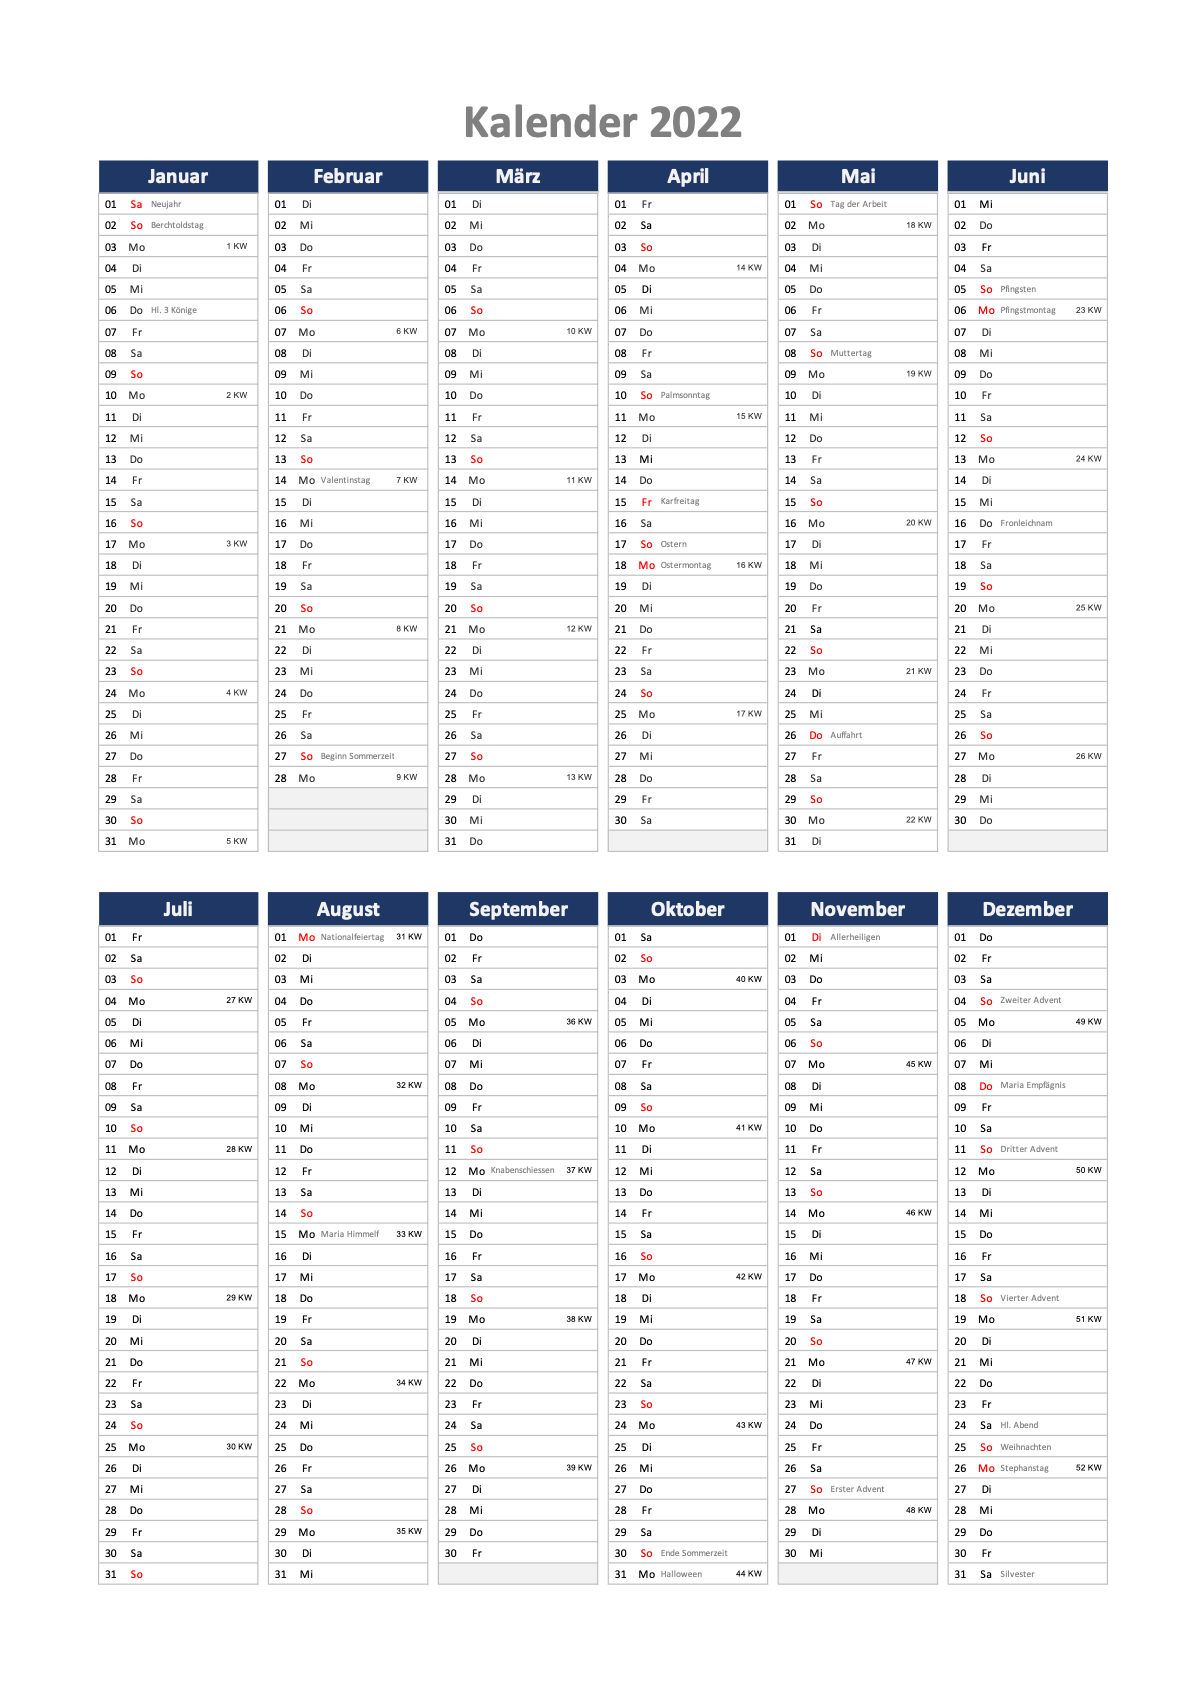 Jahreskalender 2022 Schweiz Excel mit Feiertagen zum Ausdrucken